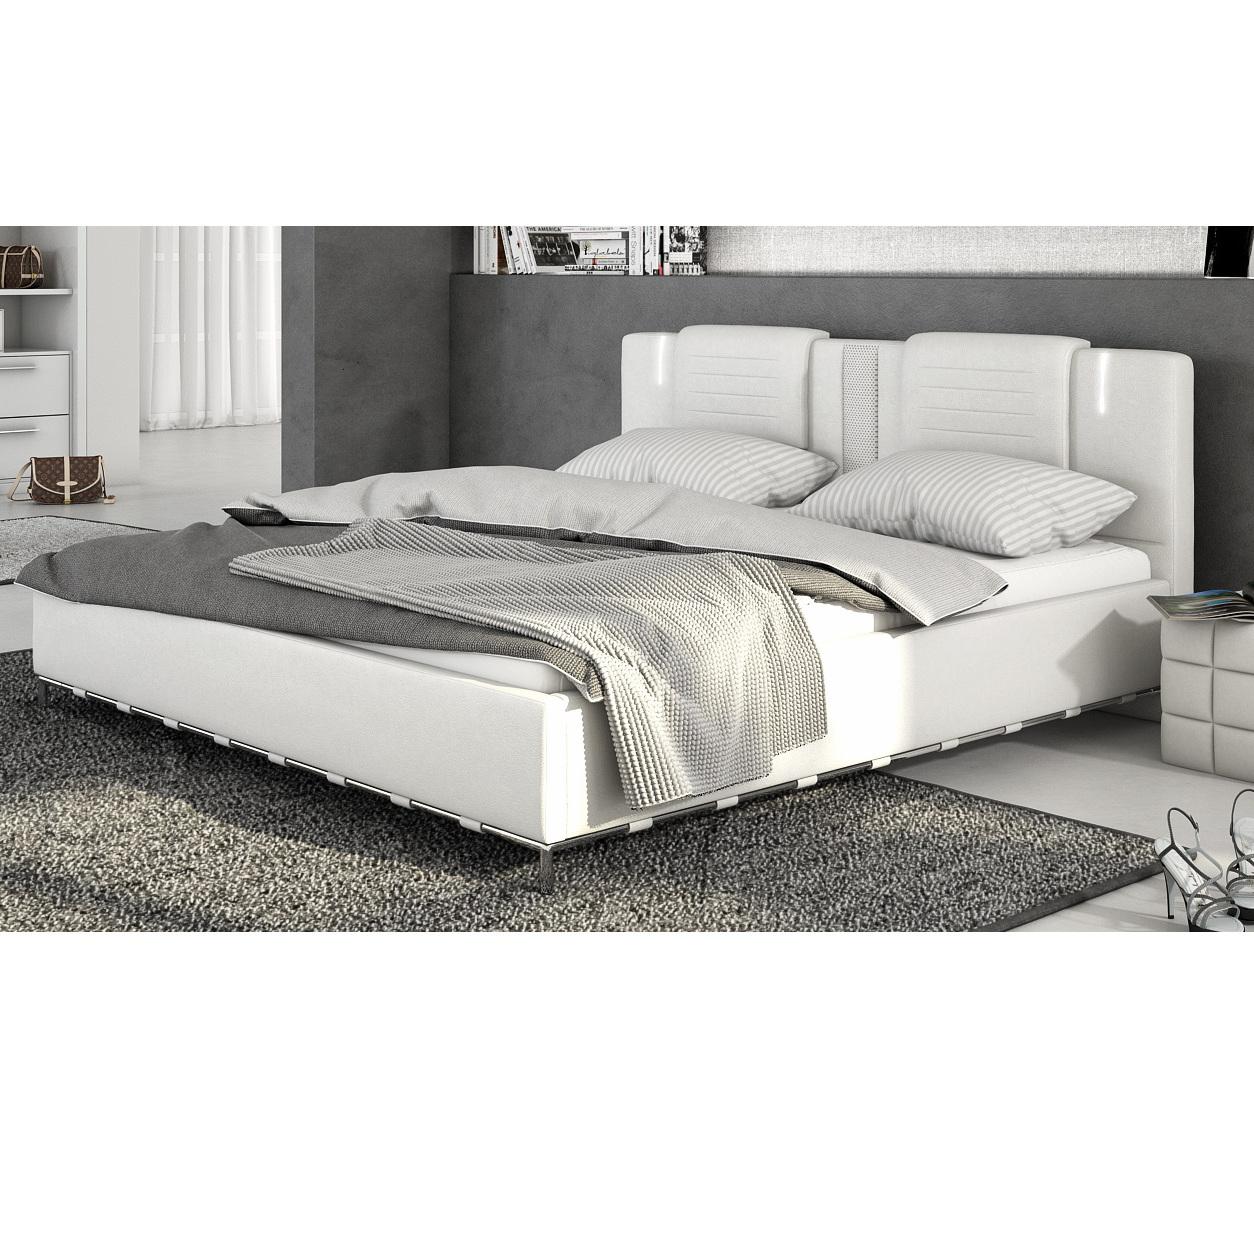 Full Size of Innocent Designerbett 180x200 Led Bett Doppelbett Polsterbett überlänge Französische Betten Xxl Test Barock Stauraum 160x200 Außergewöhnliche Schöne Wohnzimmer Innocent Bett